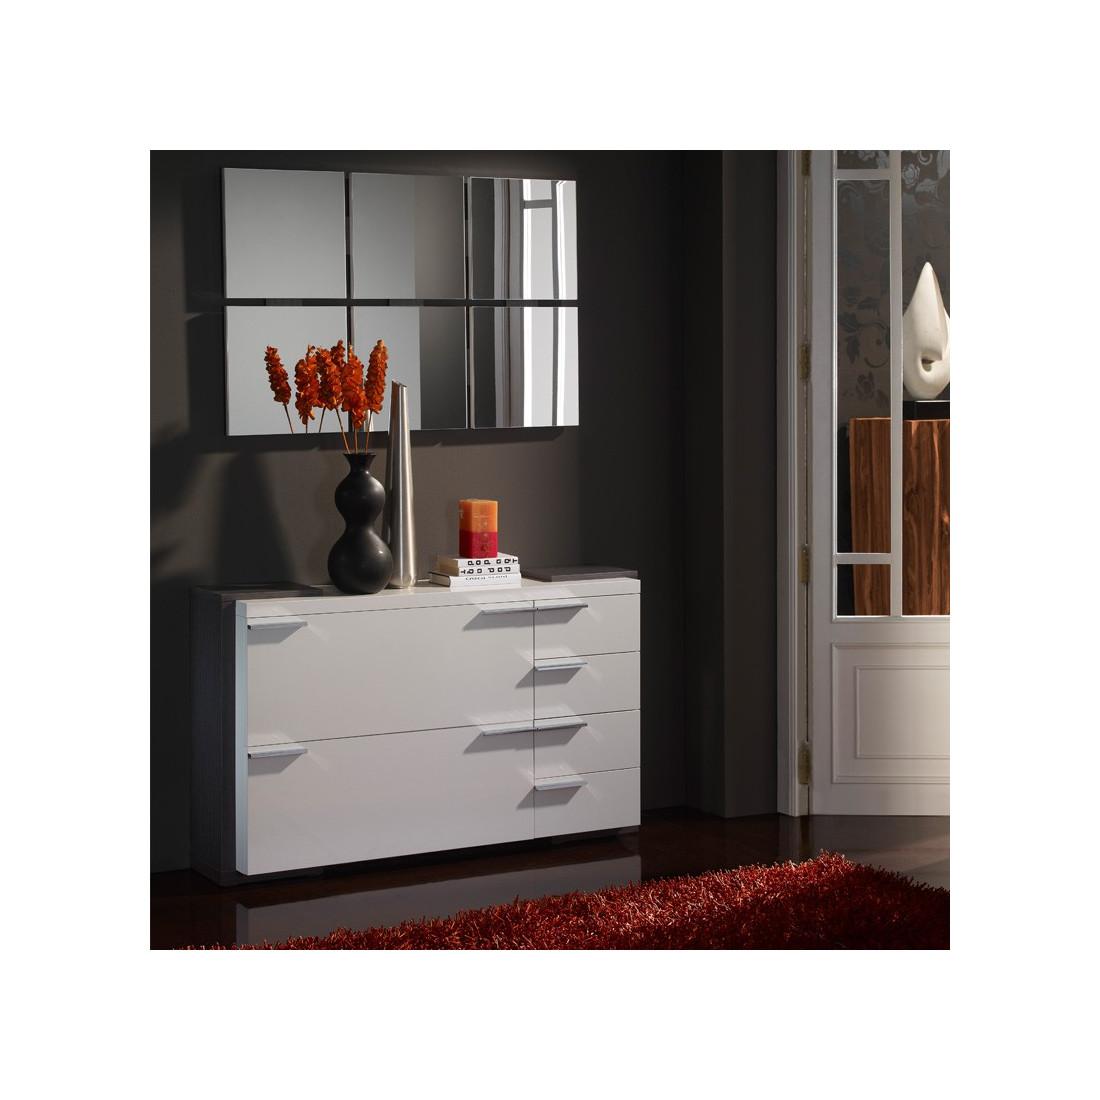 meuble d 39 entr e et chaussures blanc cendre miroirs kimistil univers petits meubles. Black Bedroom Furniture Sets. Home Design Ideas